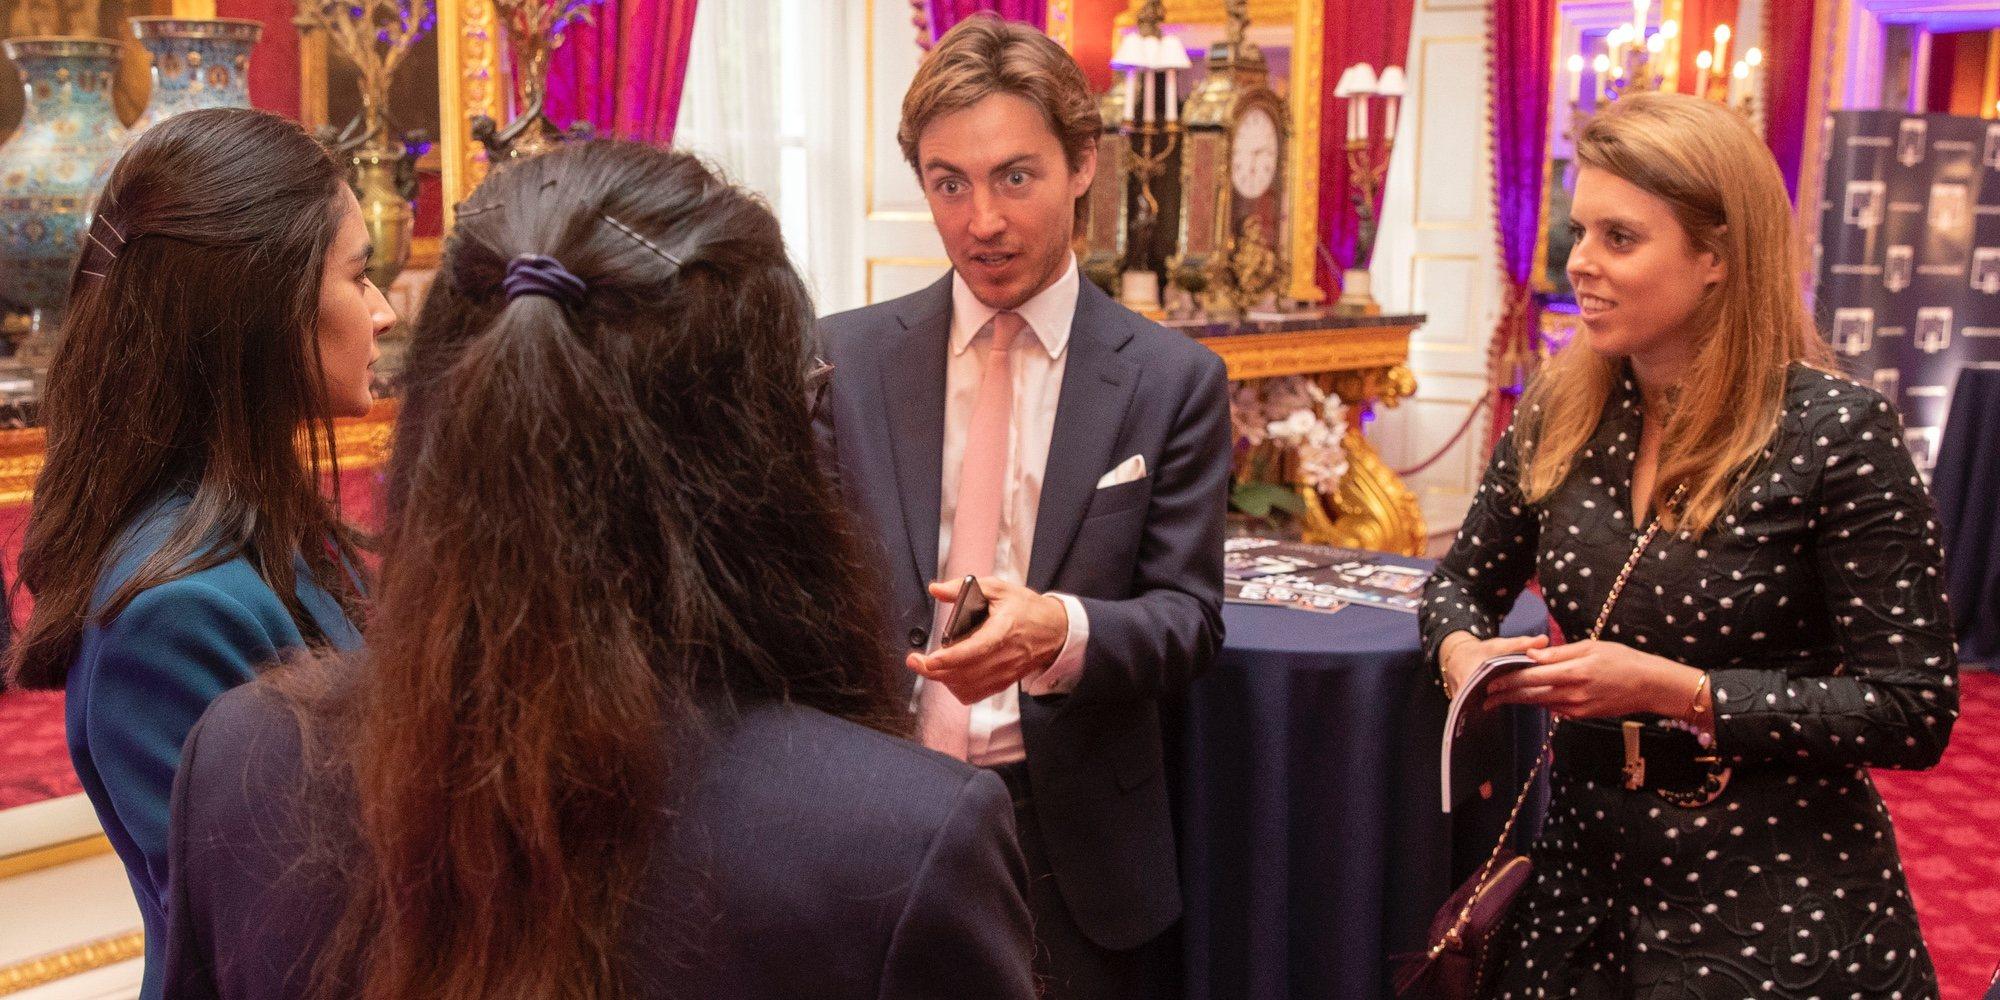 Edoardo Mapelli Mozzi, uno más de la familia en un acto oficial con la Princesa Beatriz y los Duques de York